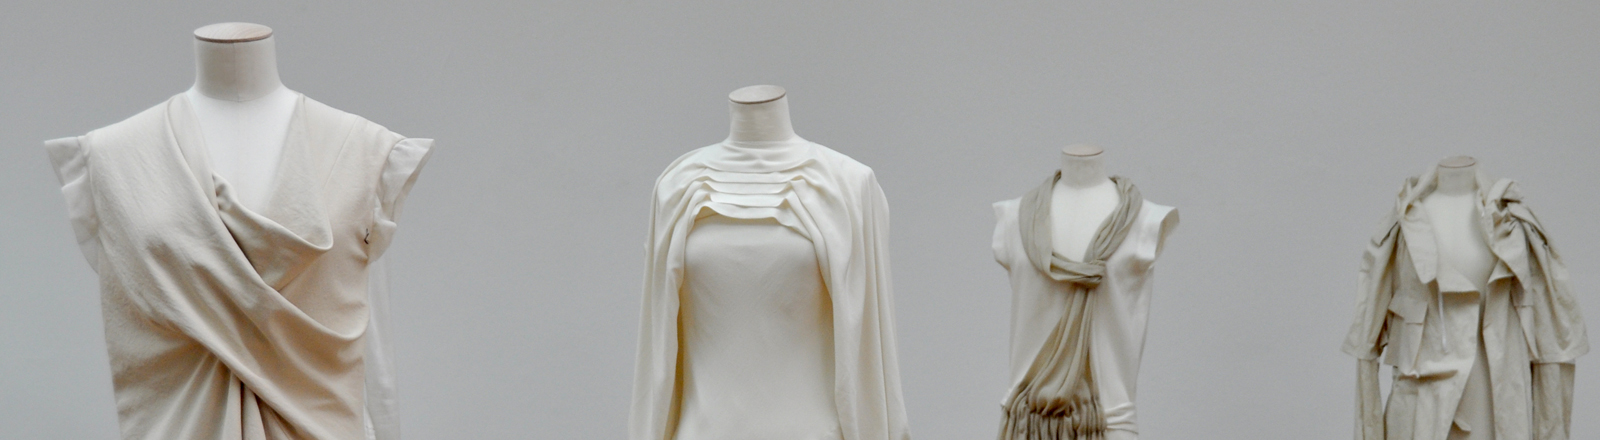 Kleiderpuppen mit Kleidern